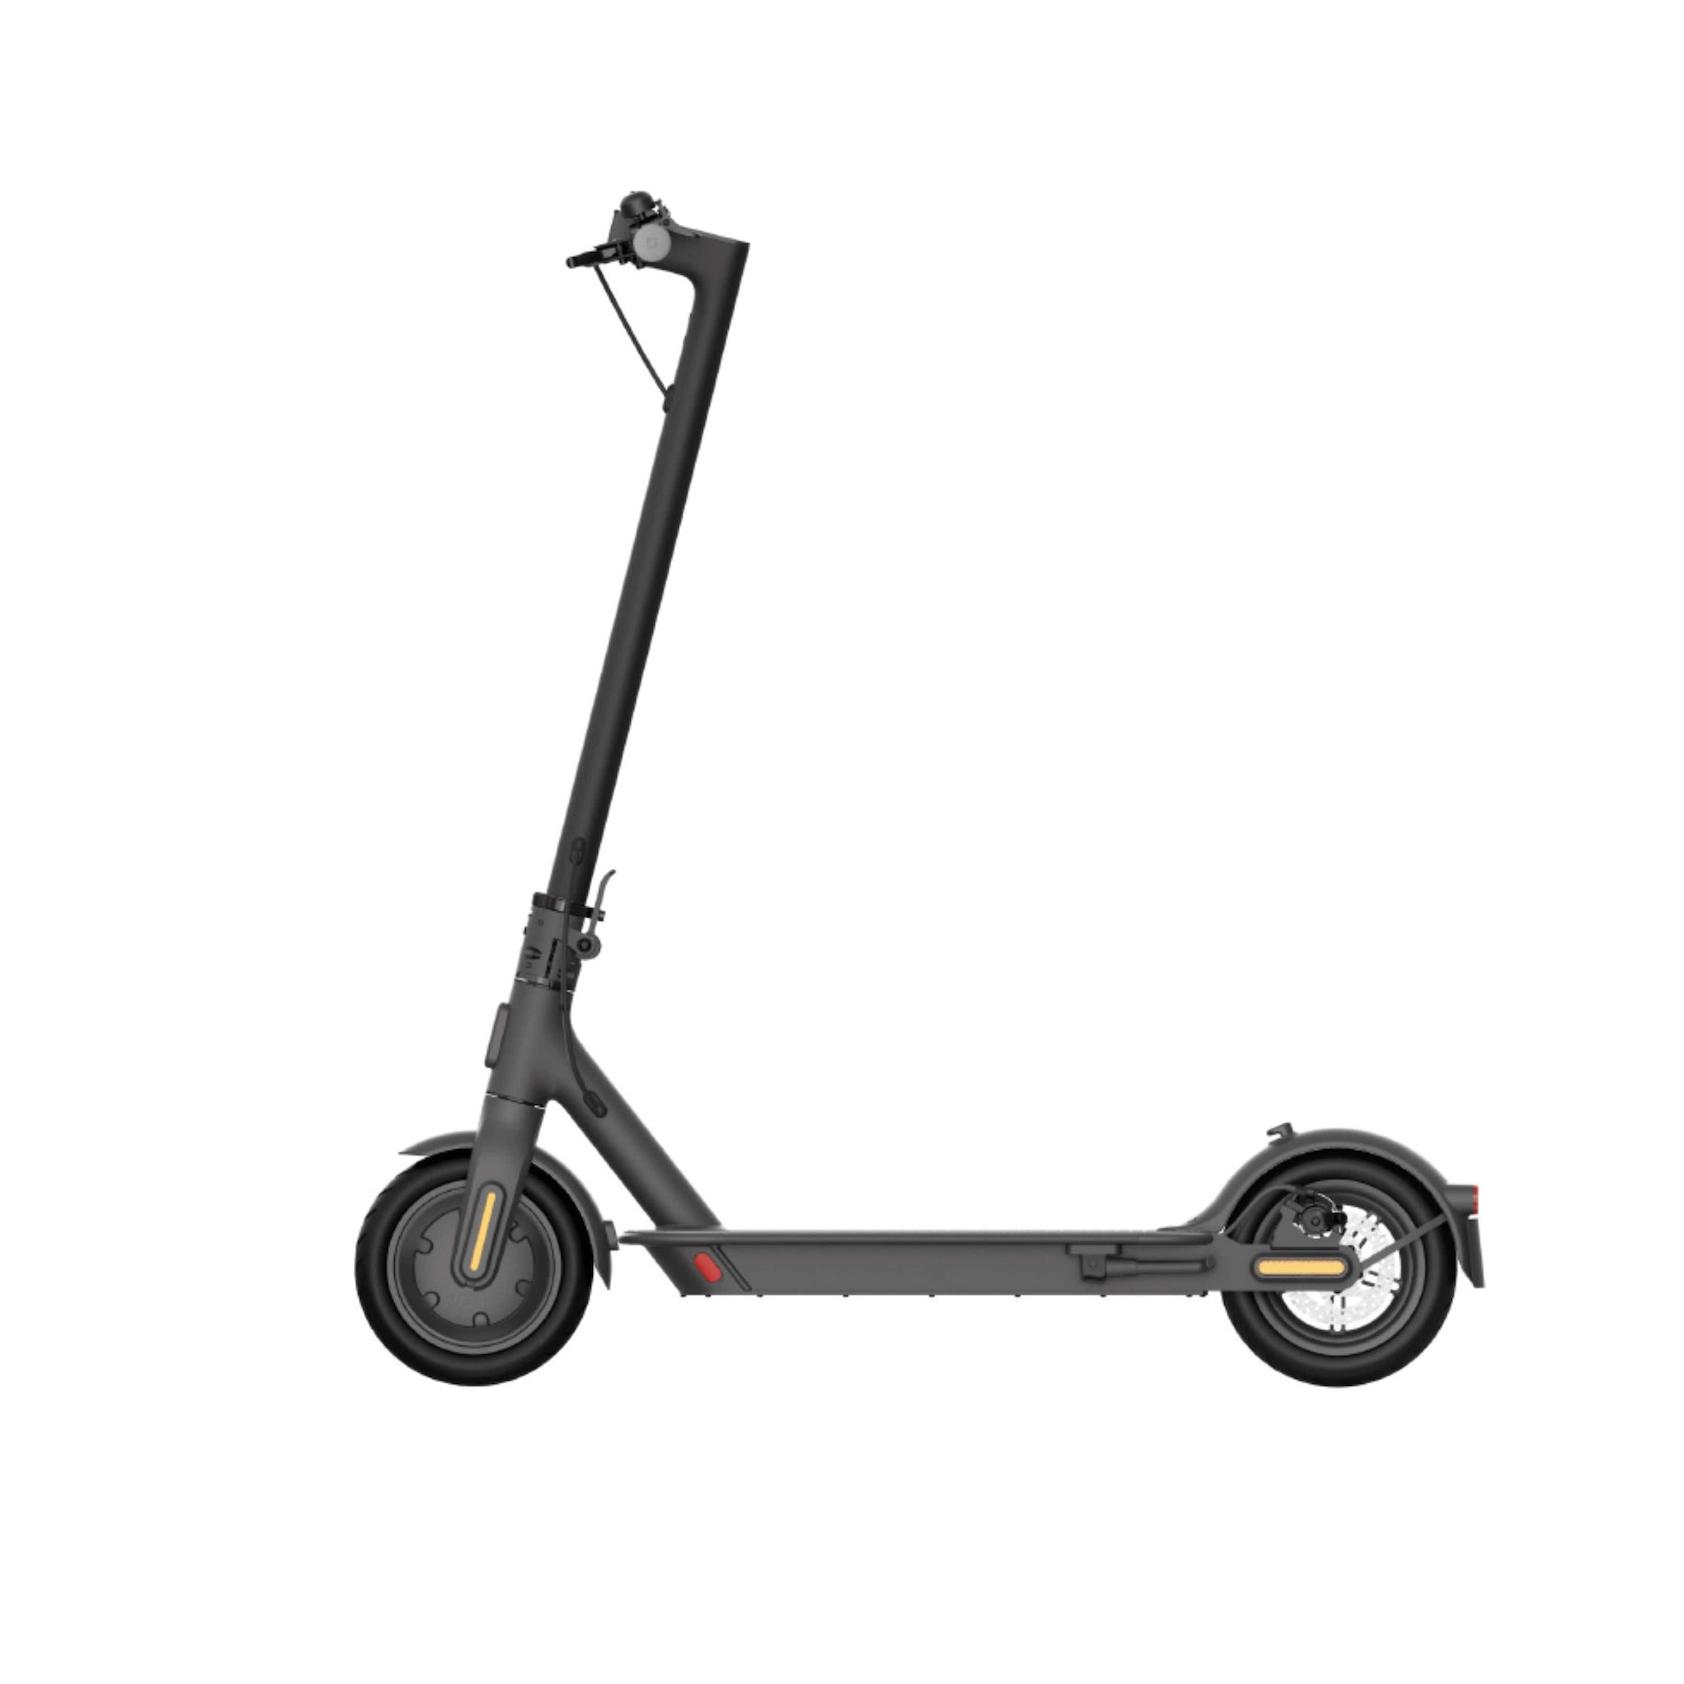 Xiaomi Mi Electric Scooter 1S Black FBC4019GL Πληρωμή έως 24 δόσεις* (2 χρόνια εγγύηση)